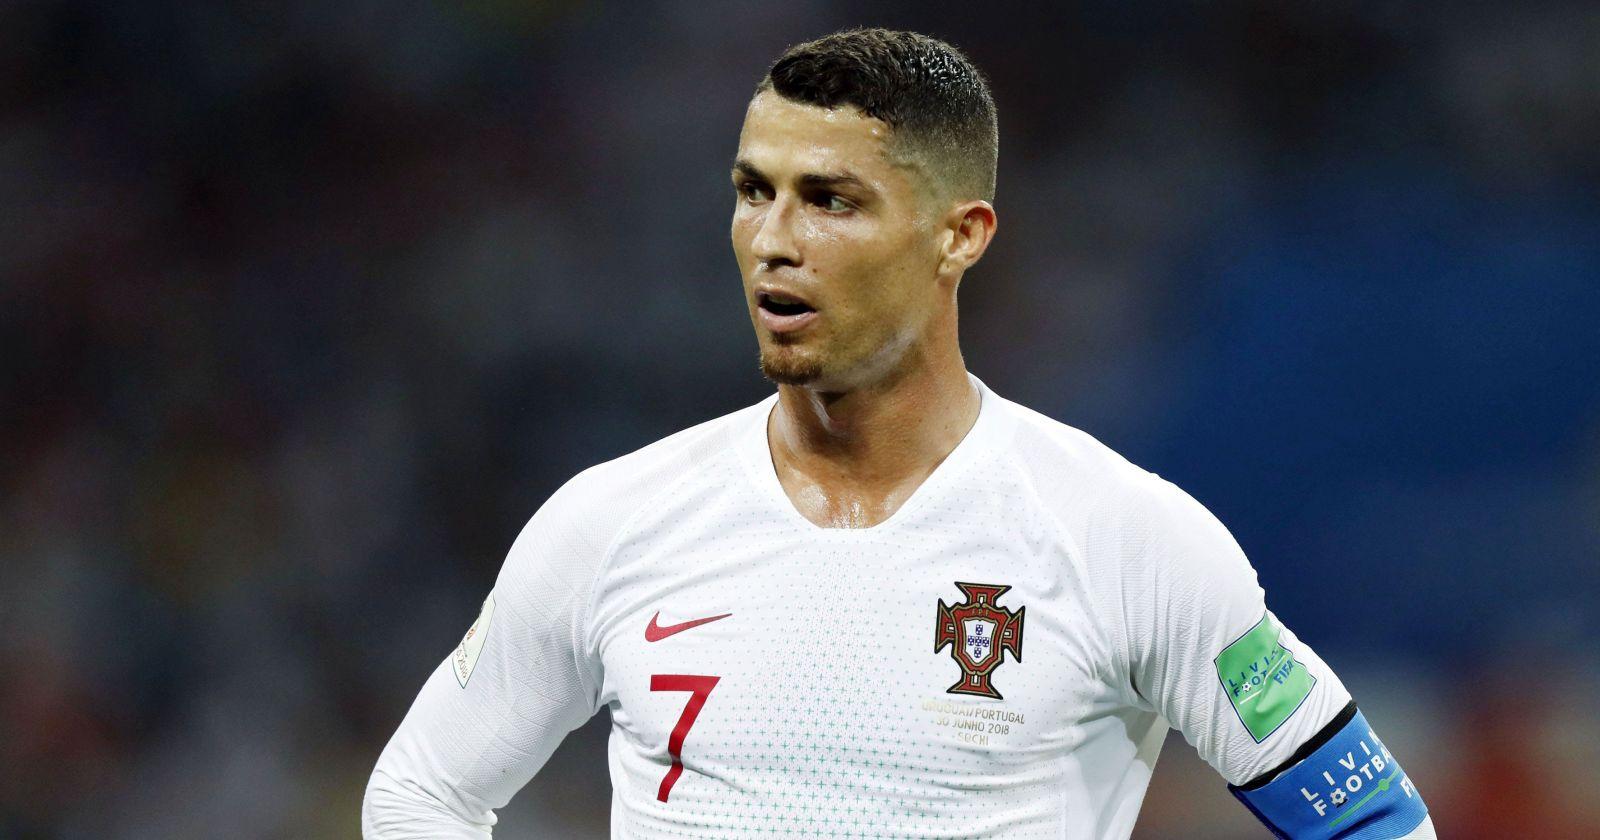 Alerta en el fútbol mundial: Cristiano Ronaldo dio positivo por coronavirus